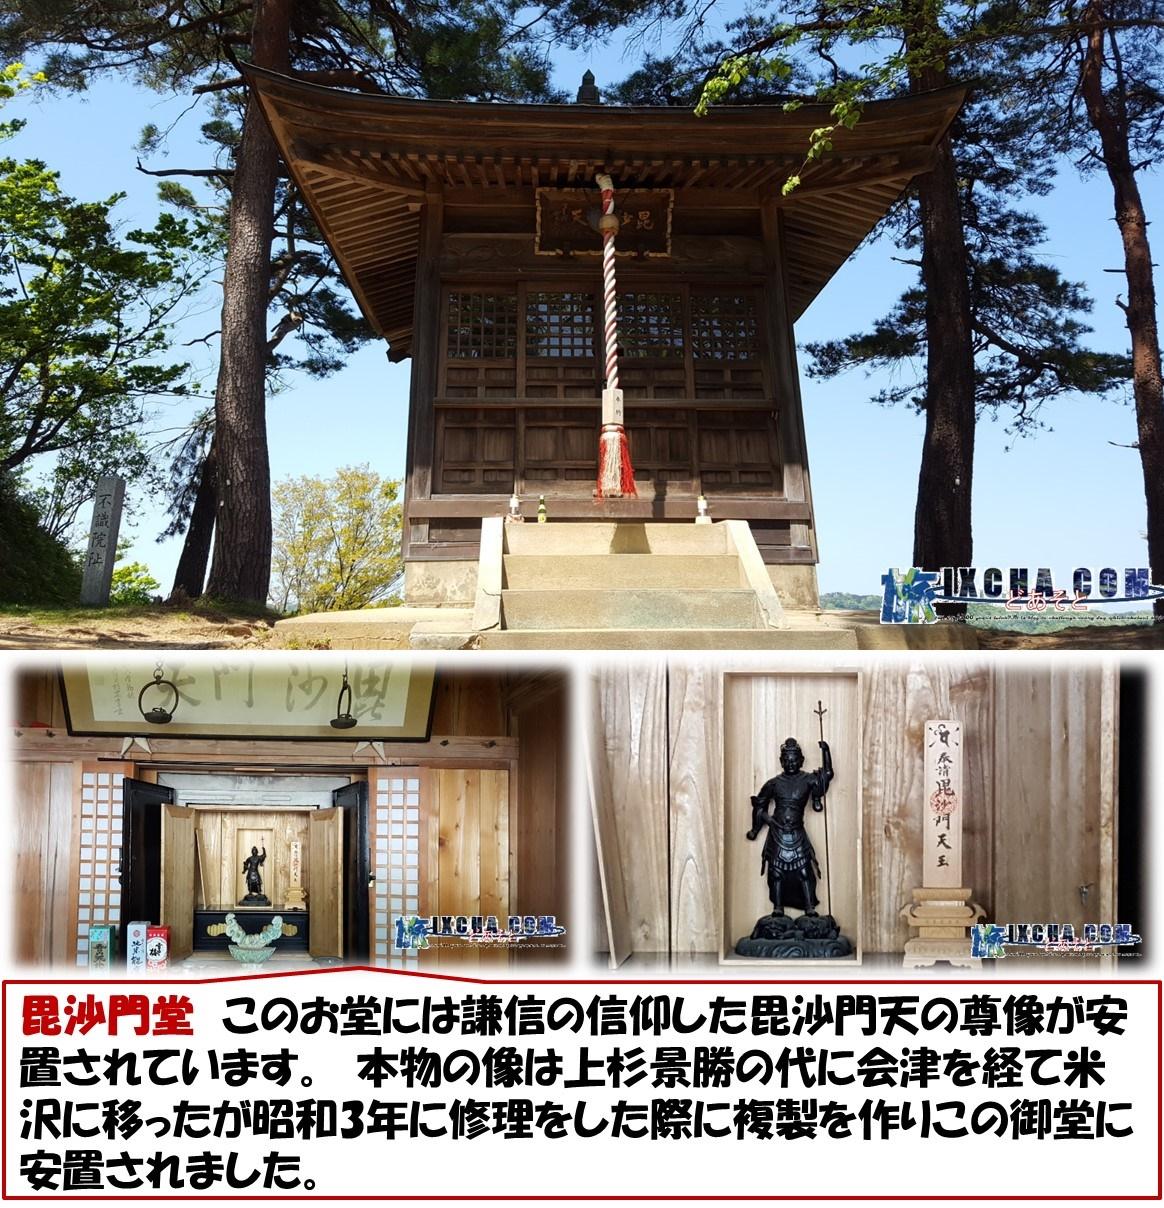 毘沙門堂 このお堂には謙信の信仰した毘沙門天の尊像が安置されています。 本物の像は上杉景勝の代に会津を経て米沢に移ったが昭和3年に修理をした際に複製を作りこの御堂に安置されました。